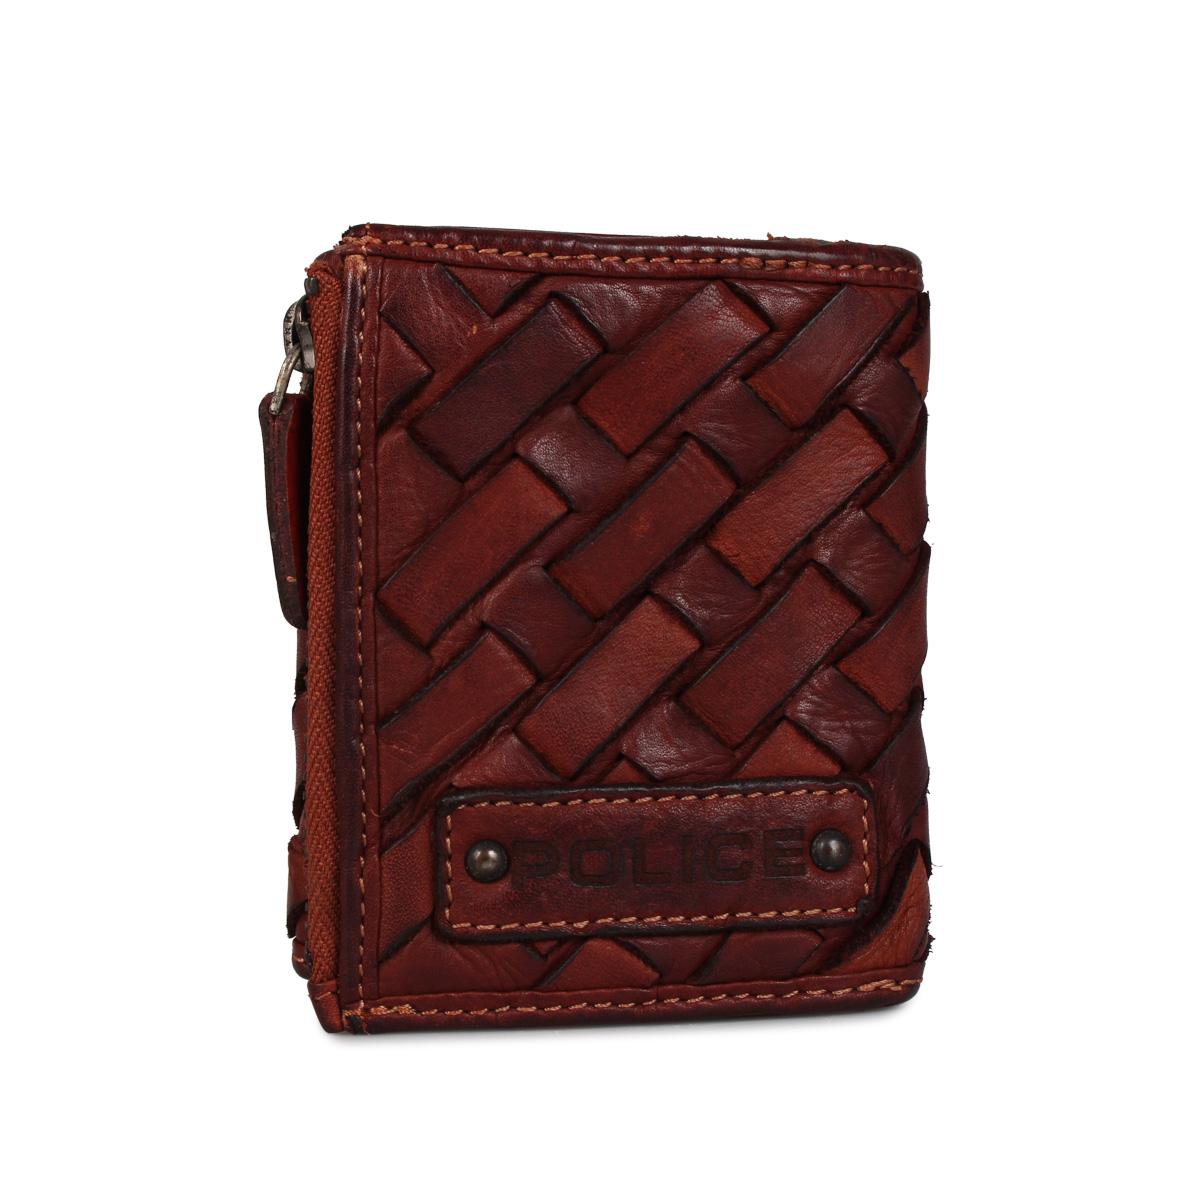 POLICE TRI-FOLD WALLET ポリス 財布 三つ折り メッシュ メンズ 本革 ブラック ネイビー ブラウン 黒 PA-70303